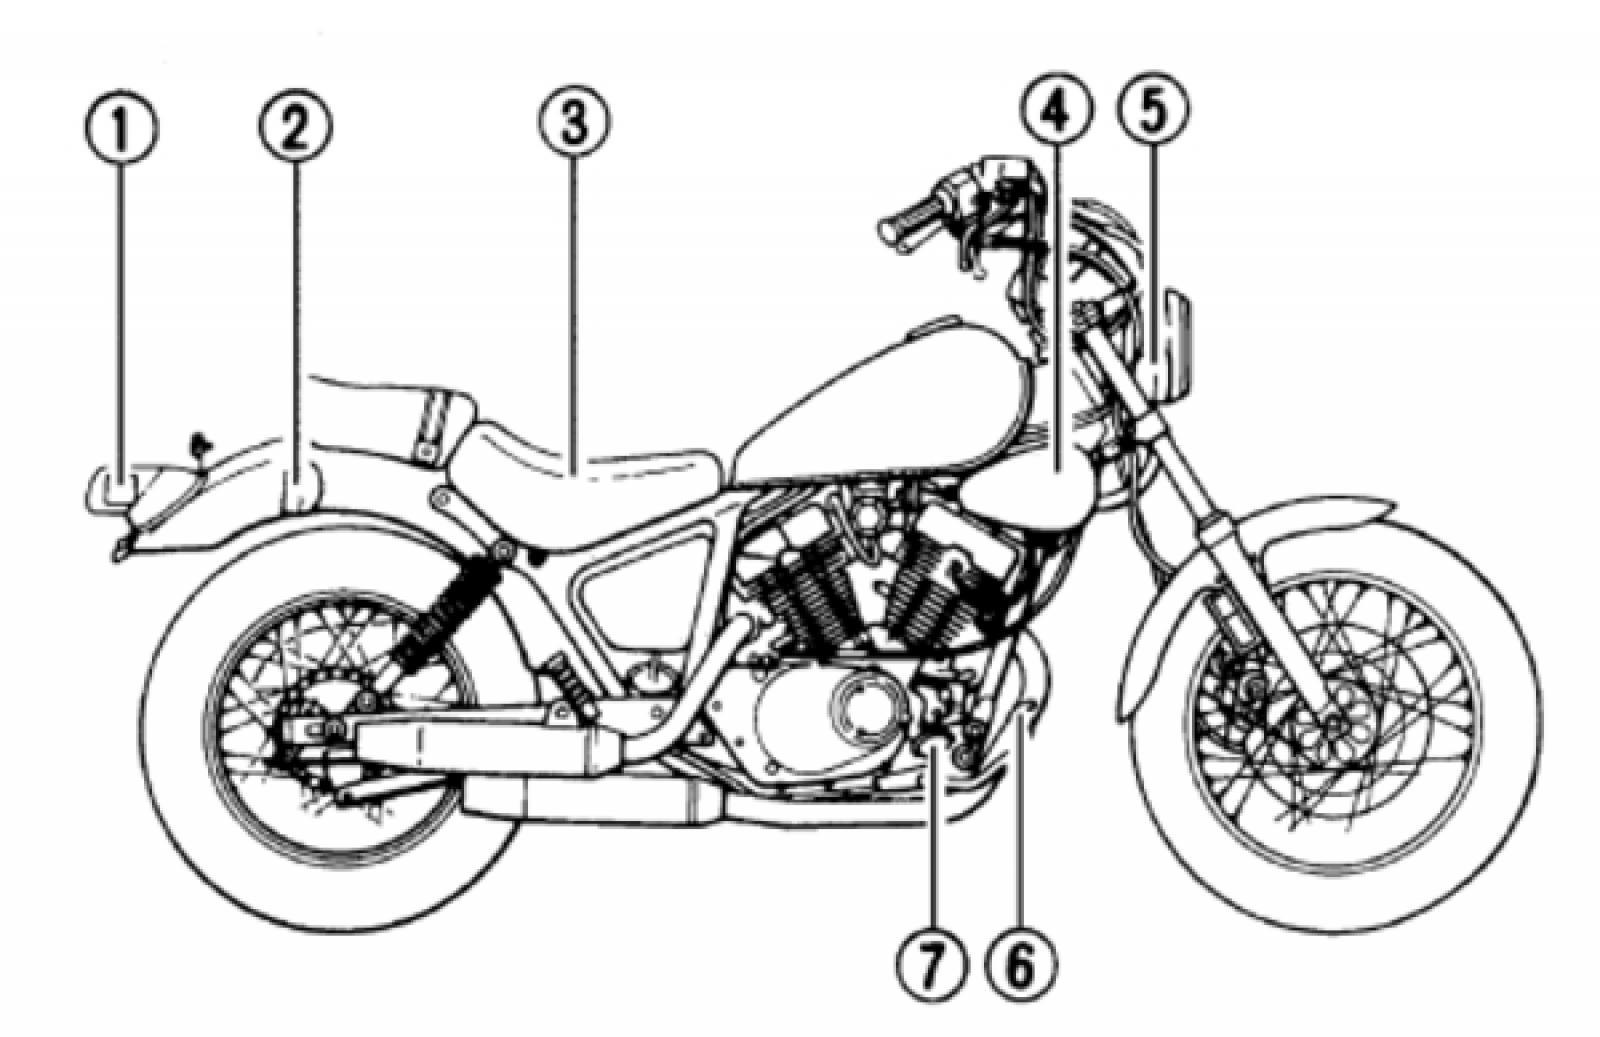 Wrg Yamaha 250 Wiring Diagram